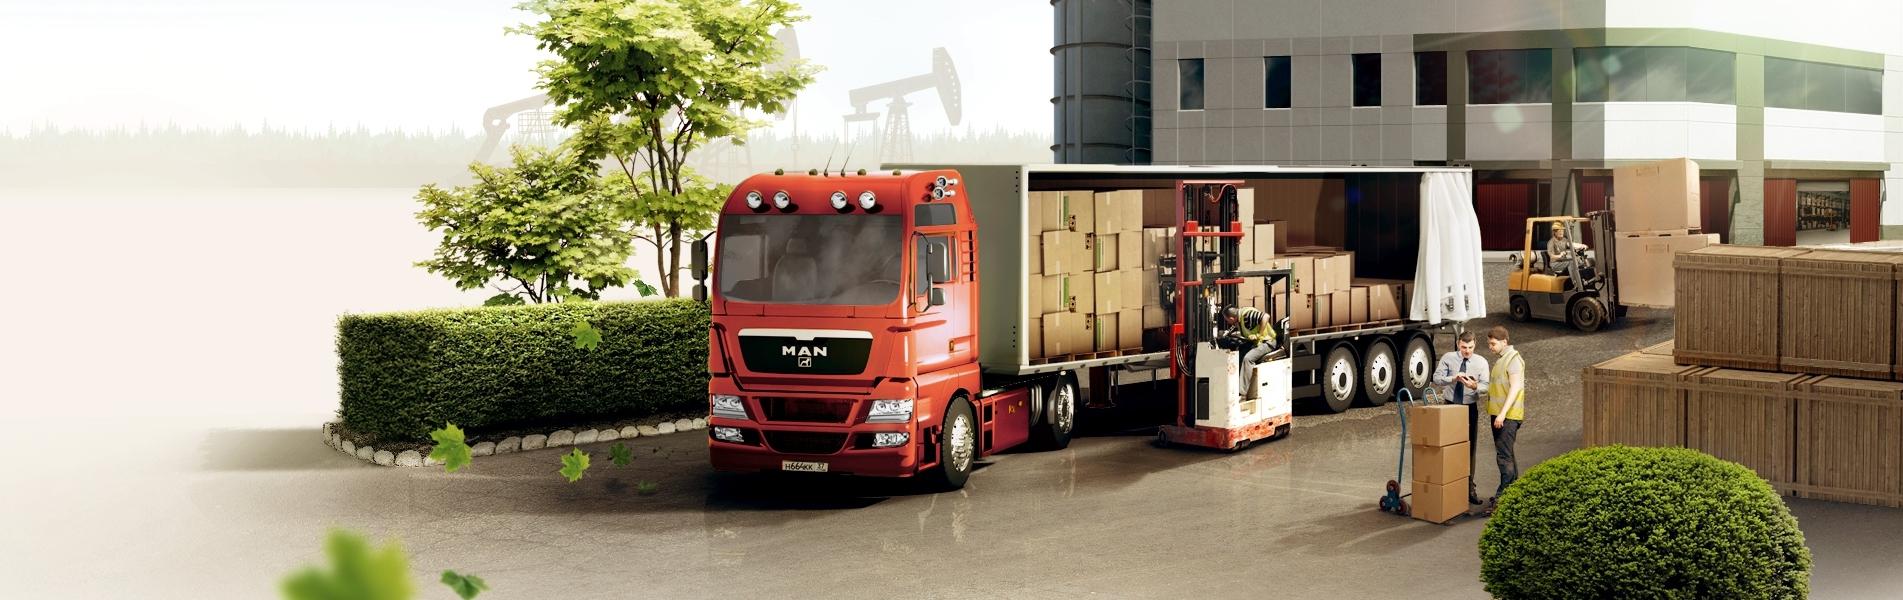 Прямая доставка сборных грузов по России в Казахстан и Белоруссию.